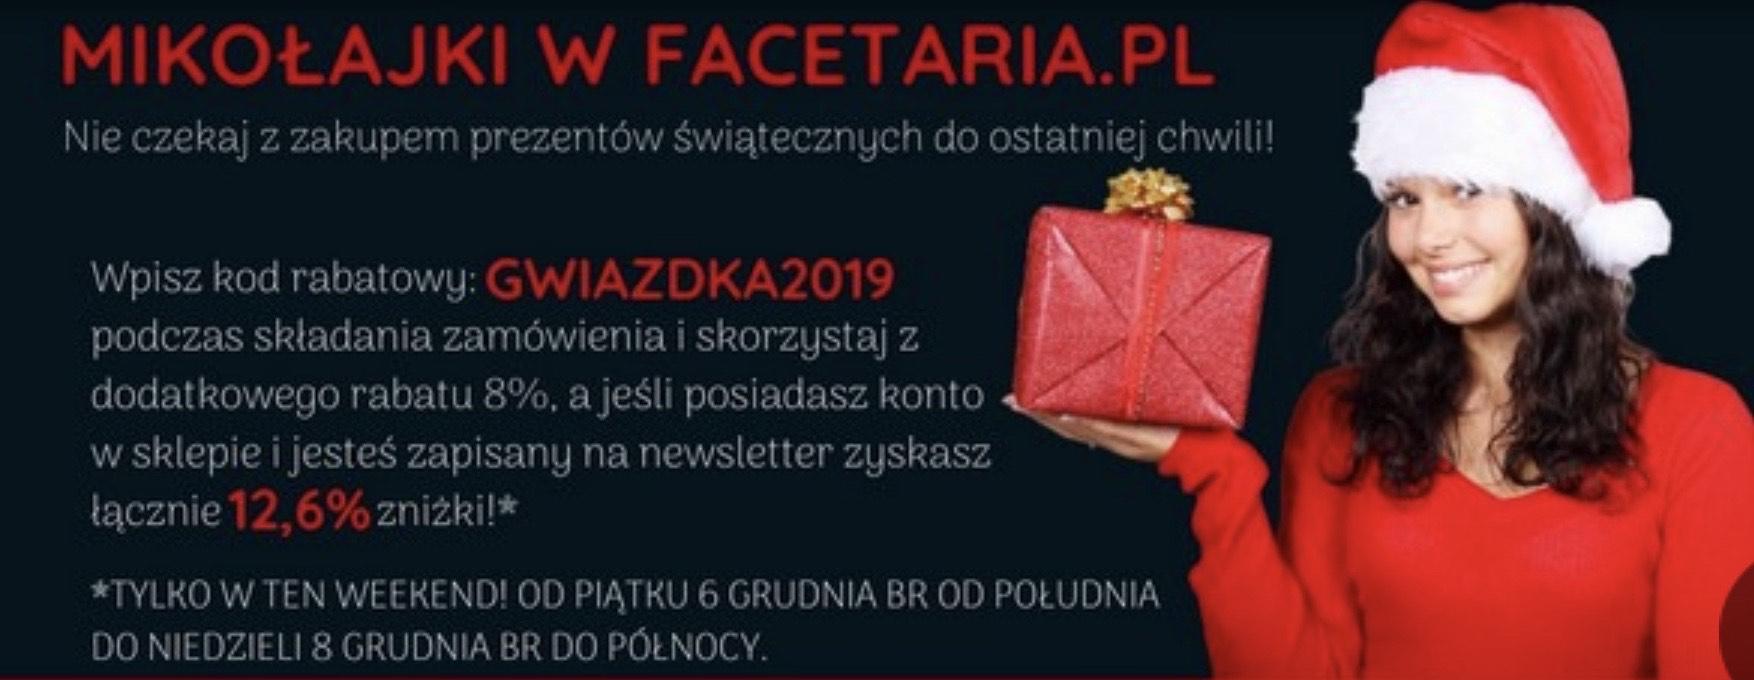 Rabat w Facetaria.pl